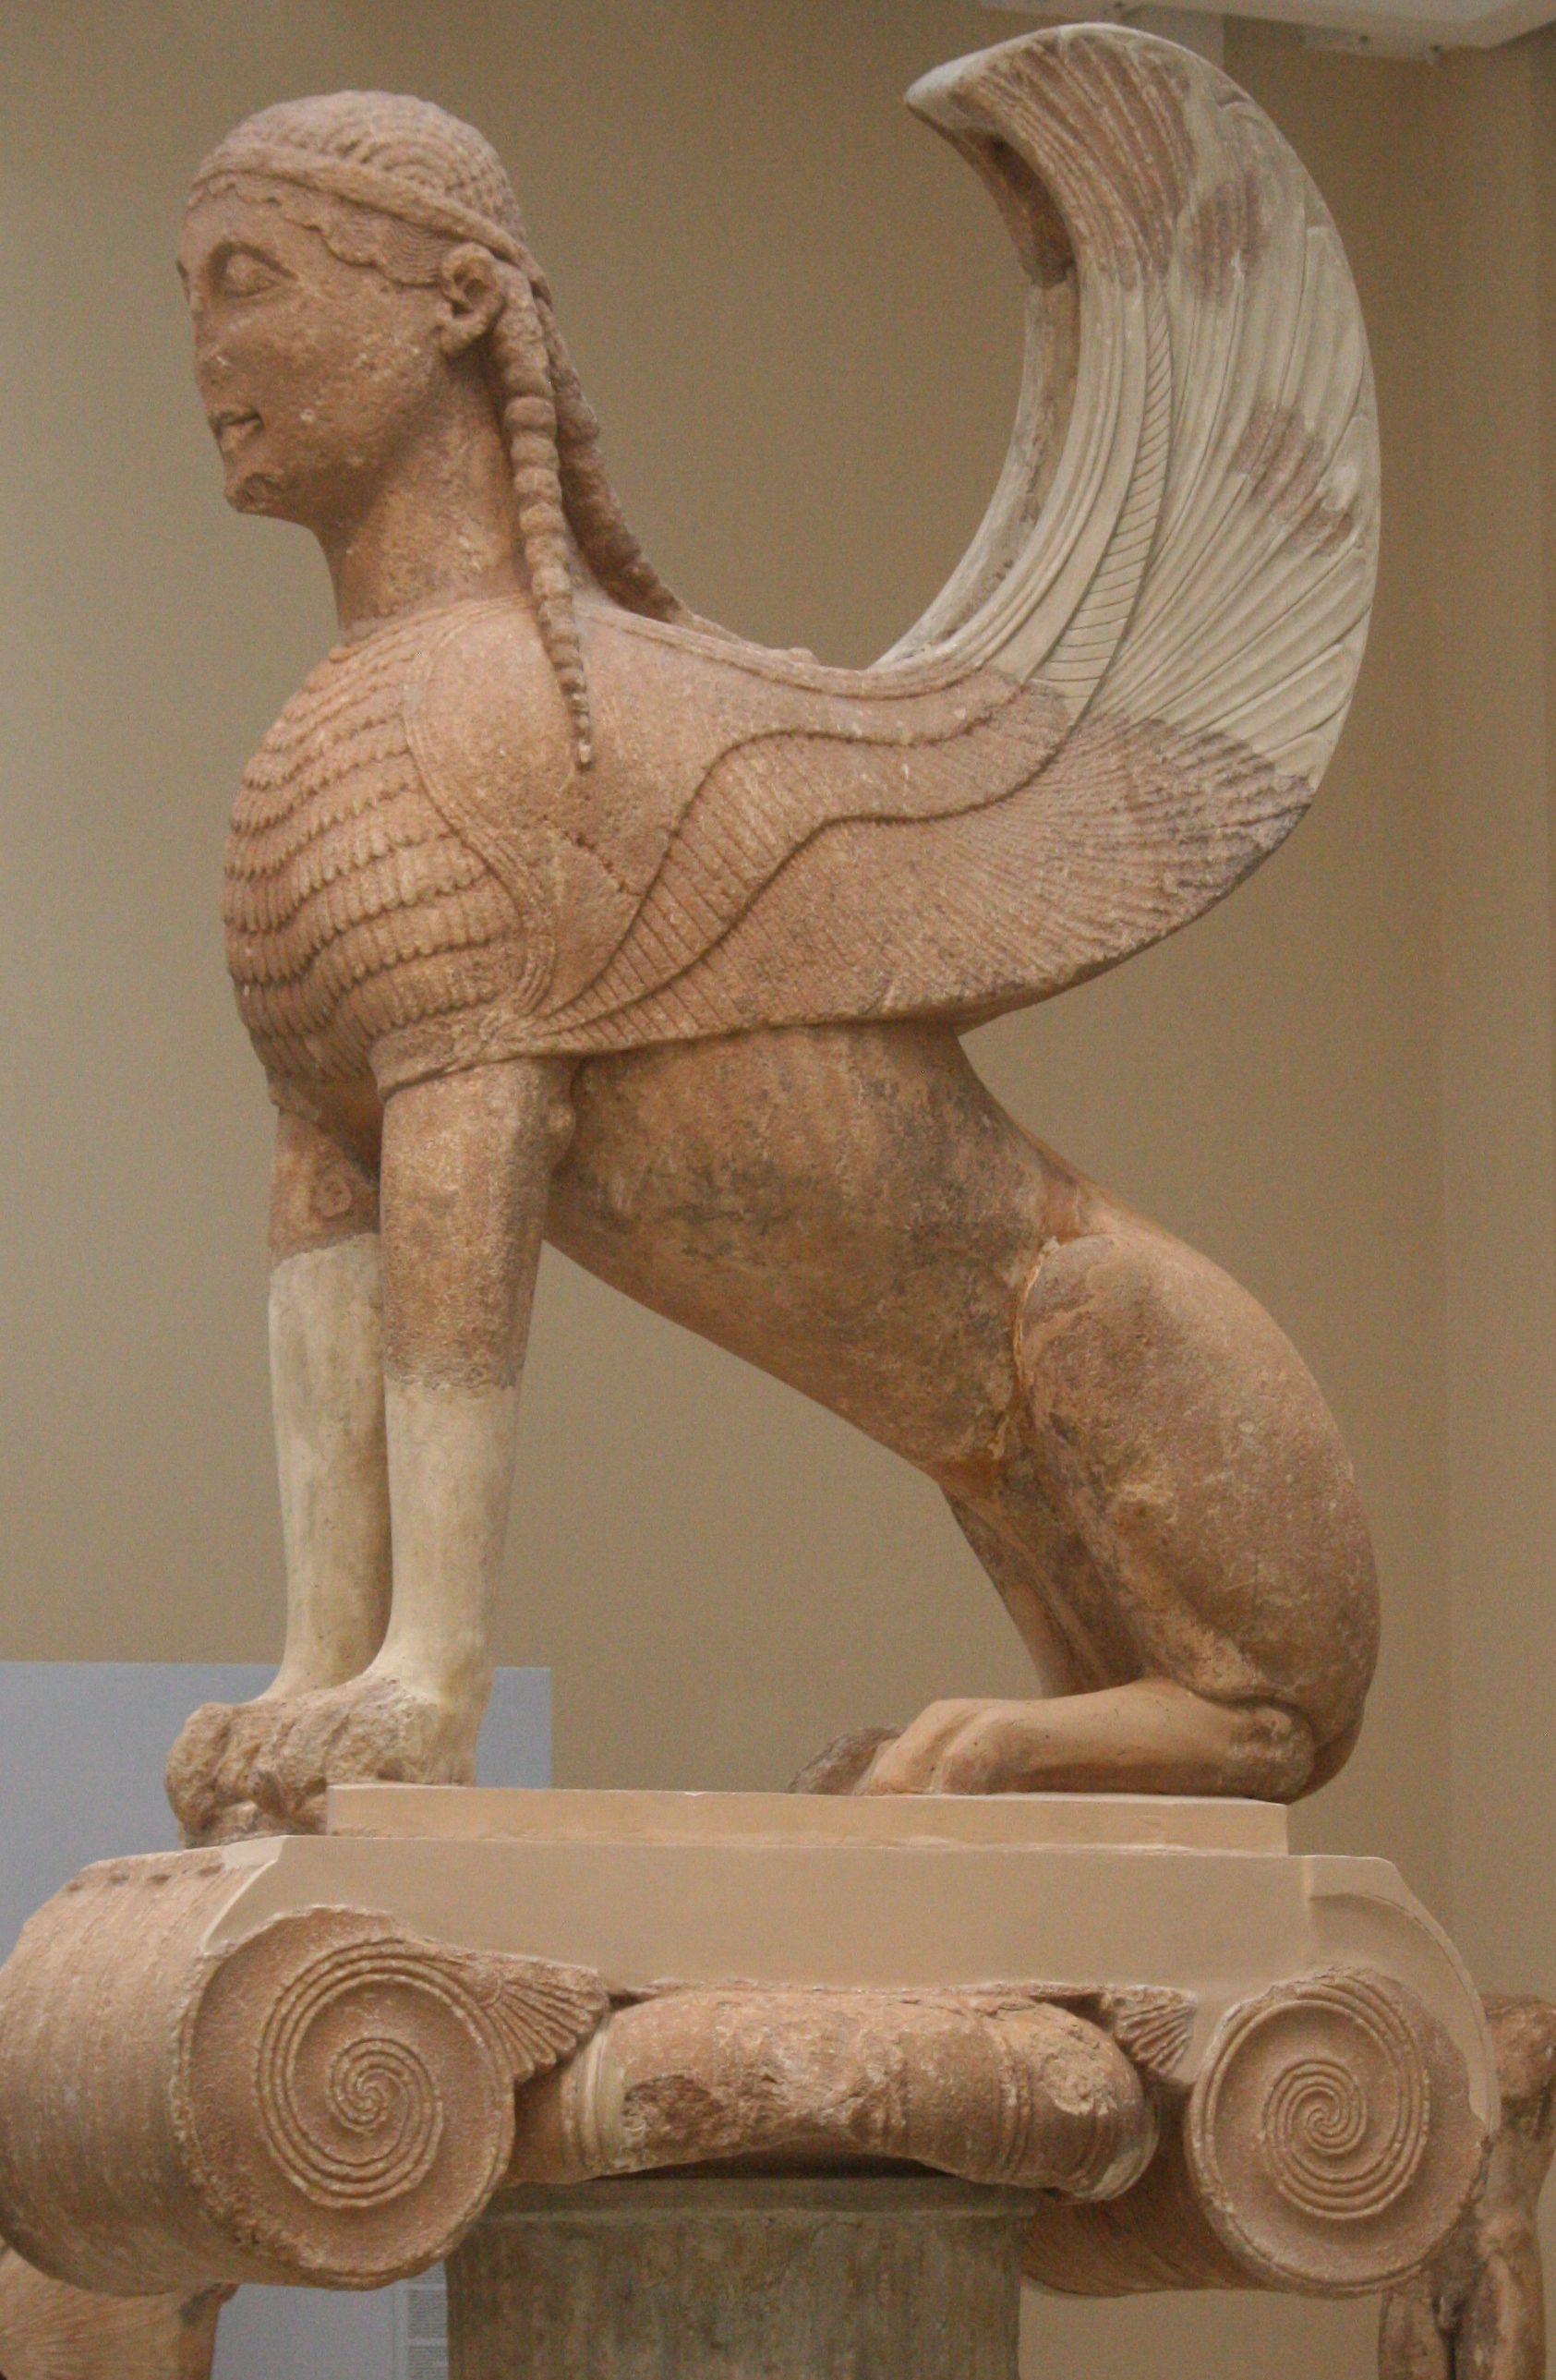 The Sphinx Of Naxians Atop Its Ionic Capital Ca 560 B C Delphi Archaeological Museum Greece 2011 Altgriechische Kunst Antike Skulpturen Archaologie